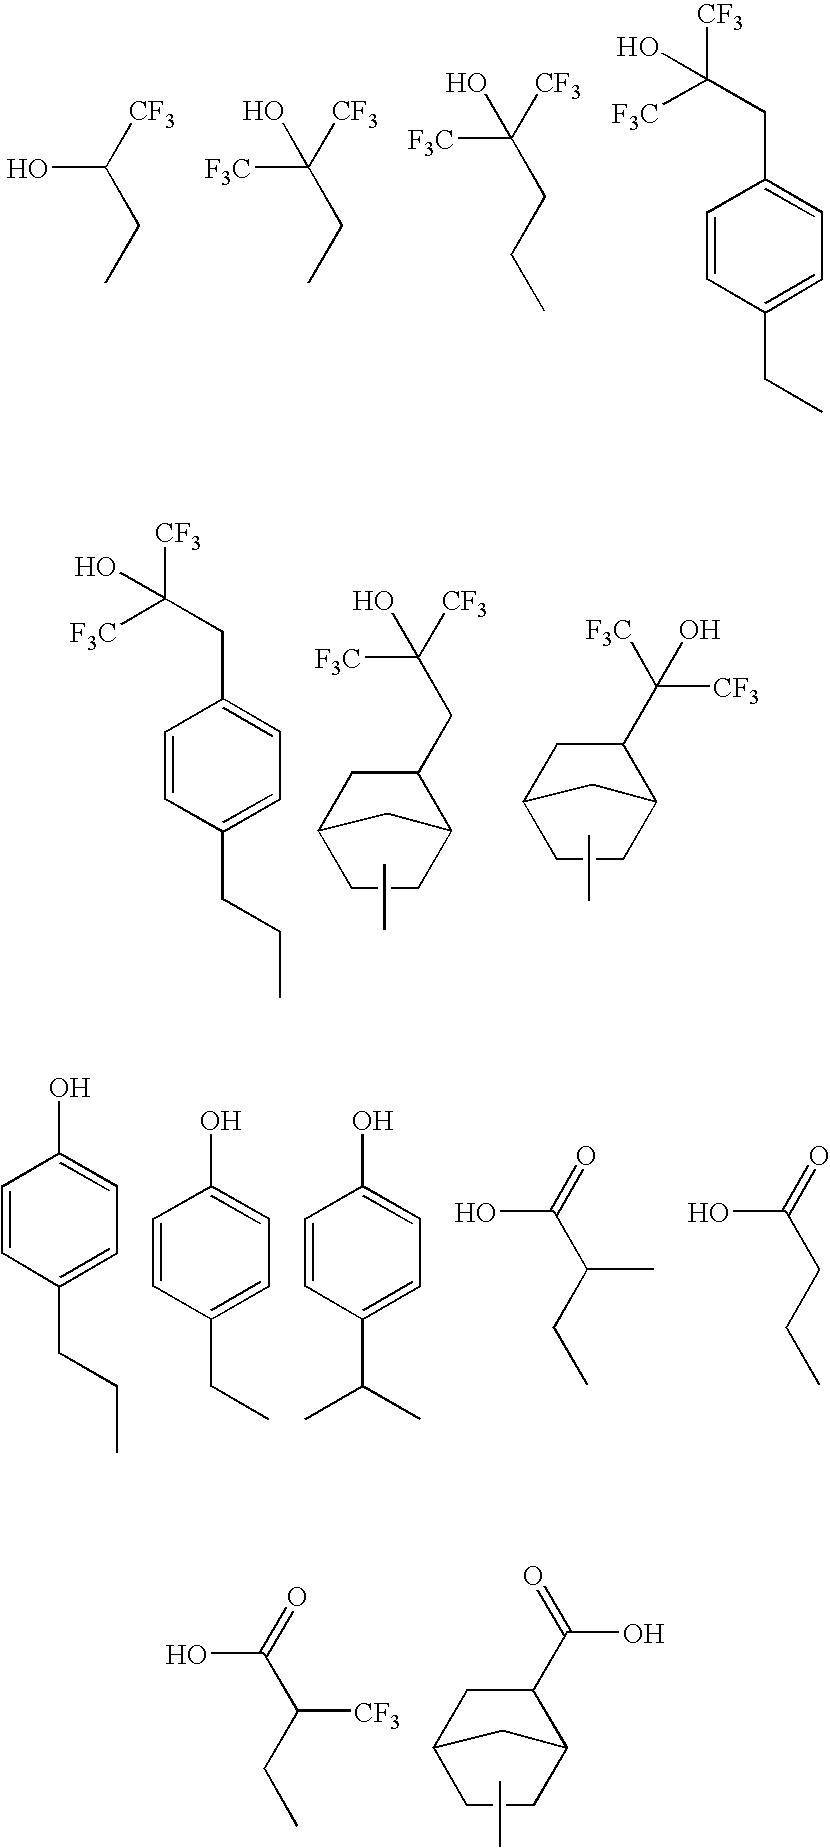 Figure US07944055-20110517-C00006